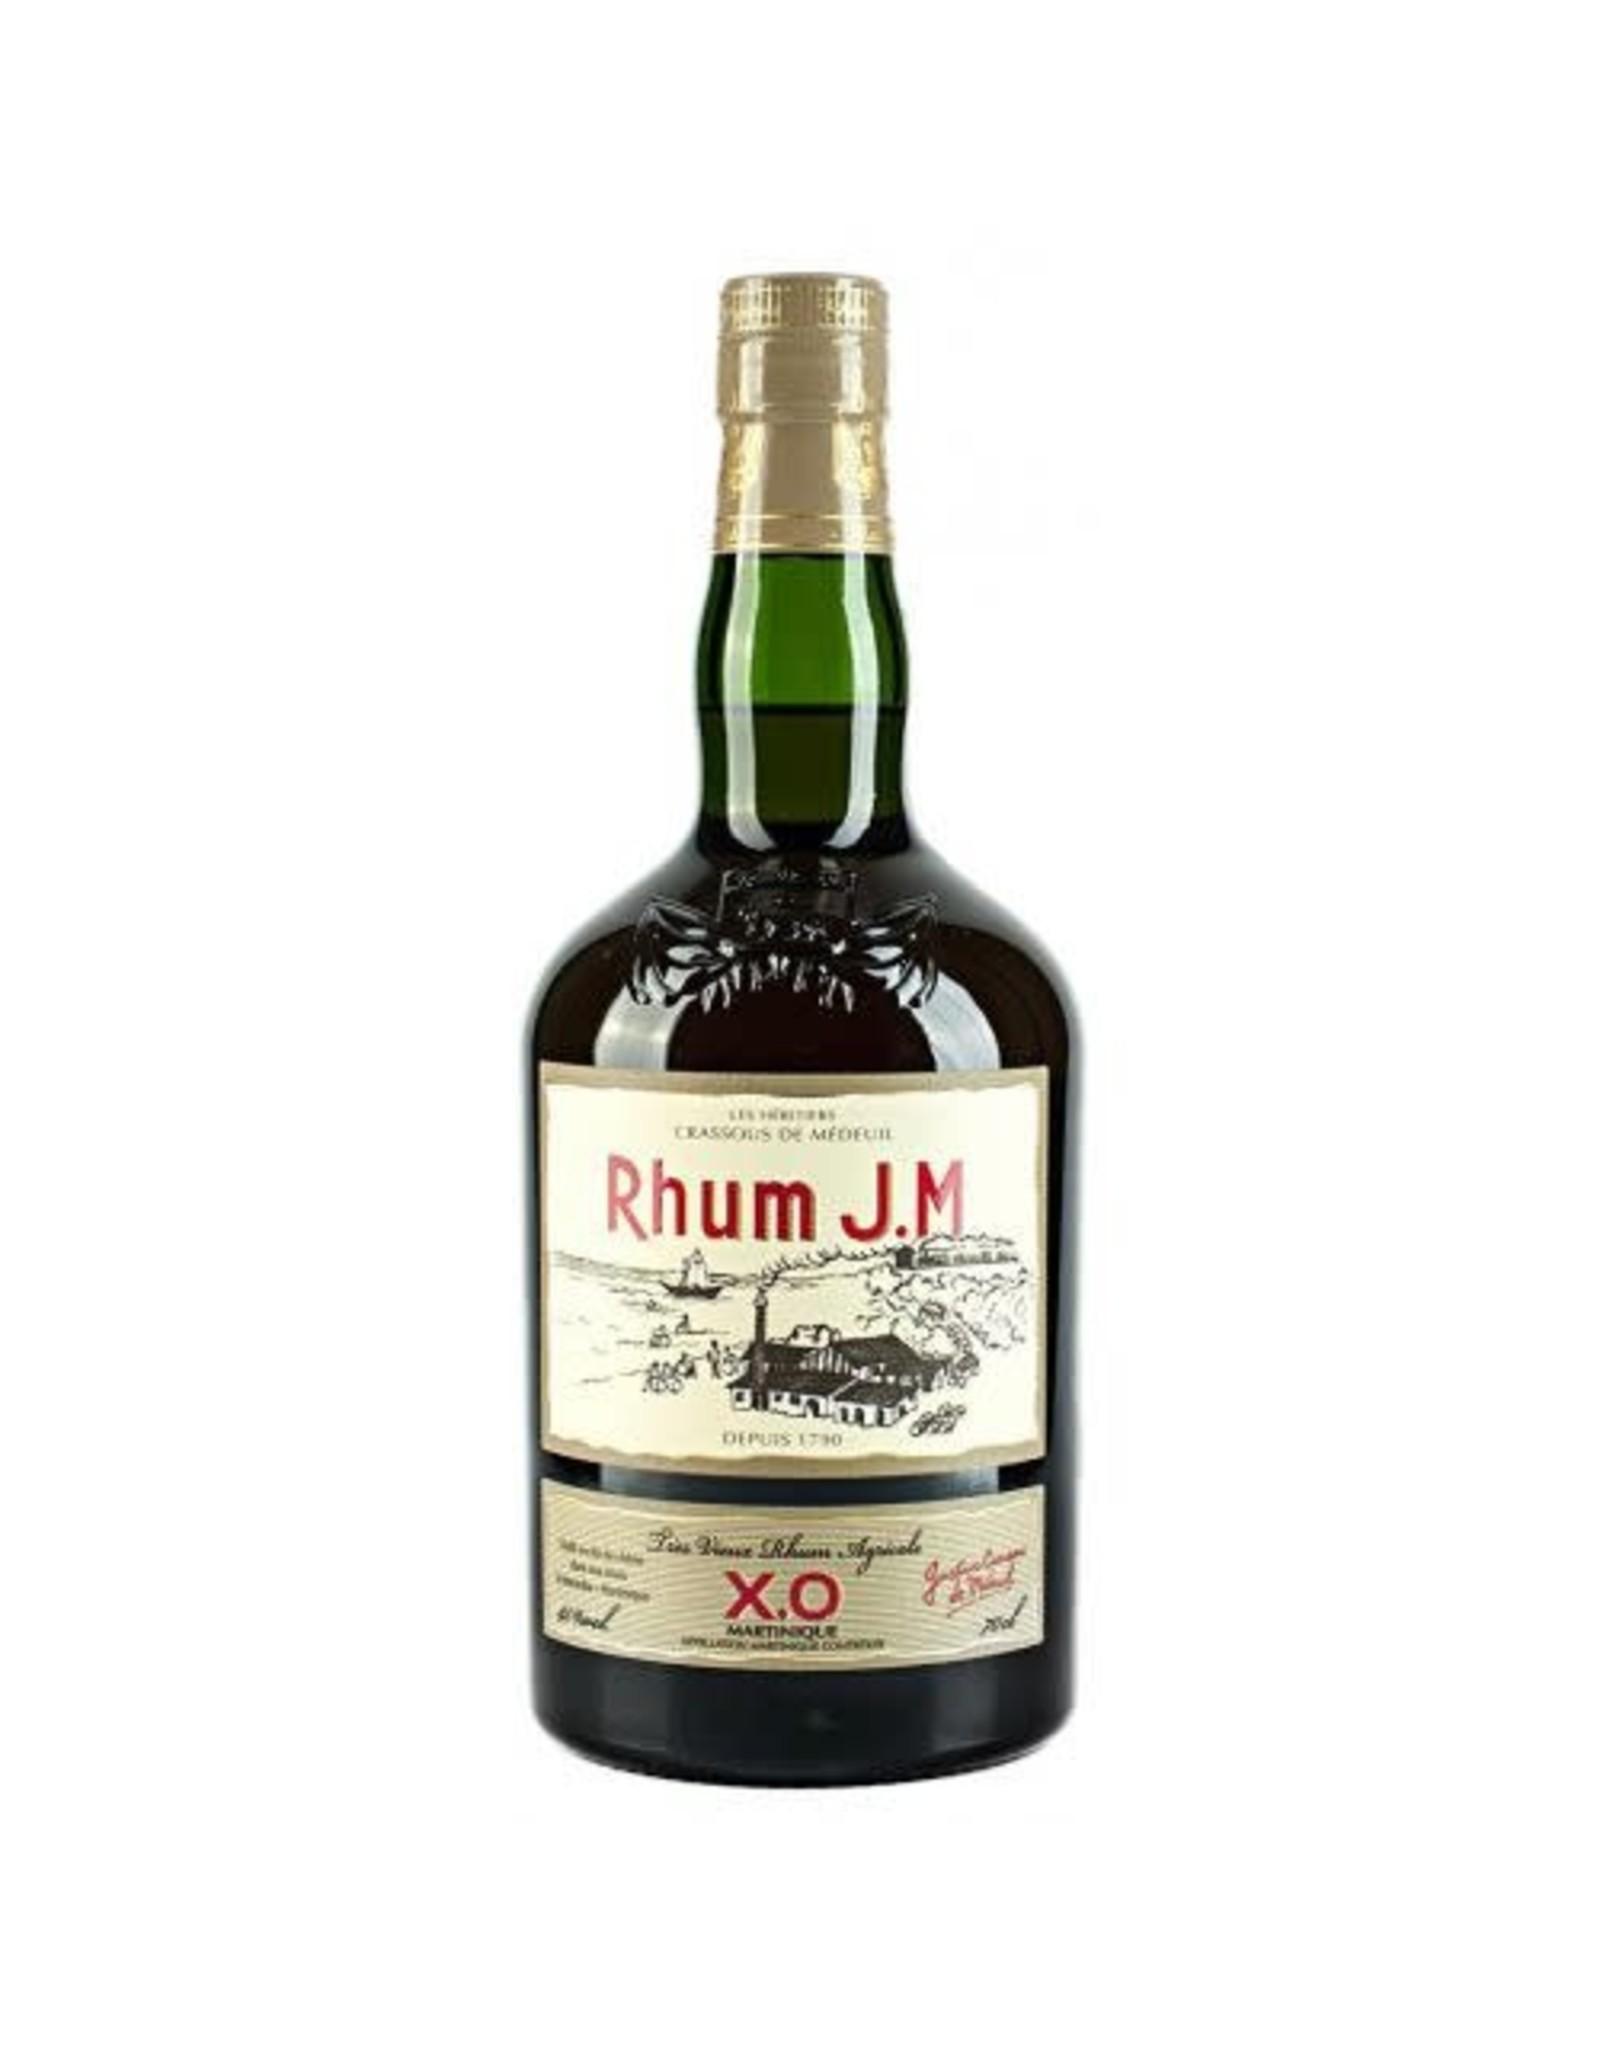 Rhum J.M XO 750ML